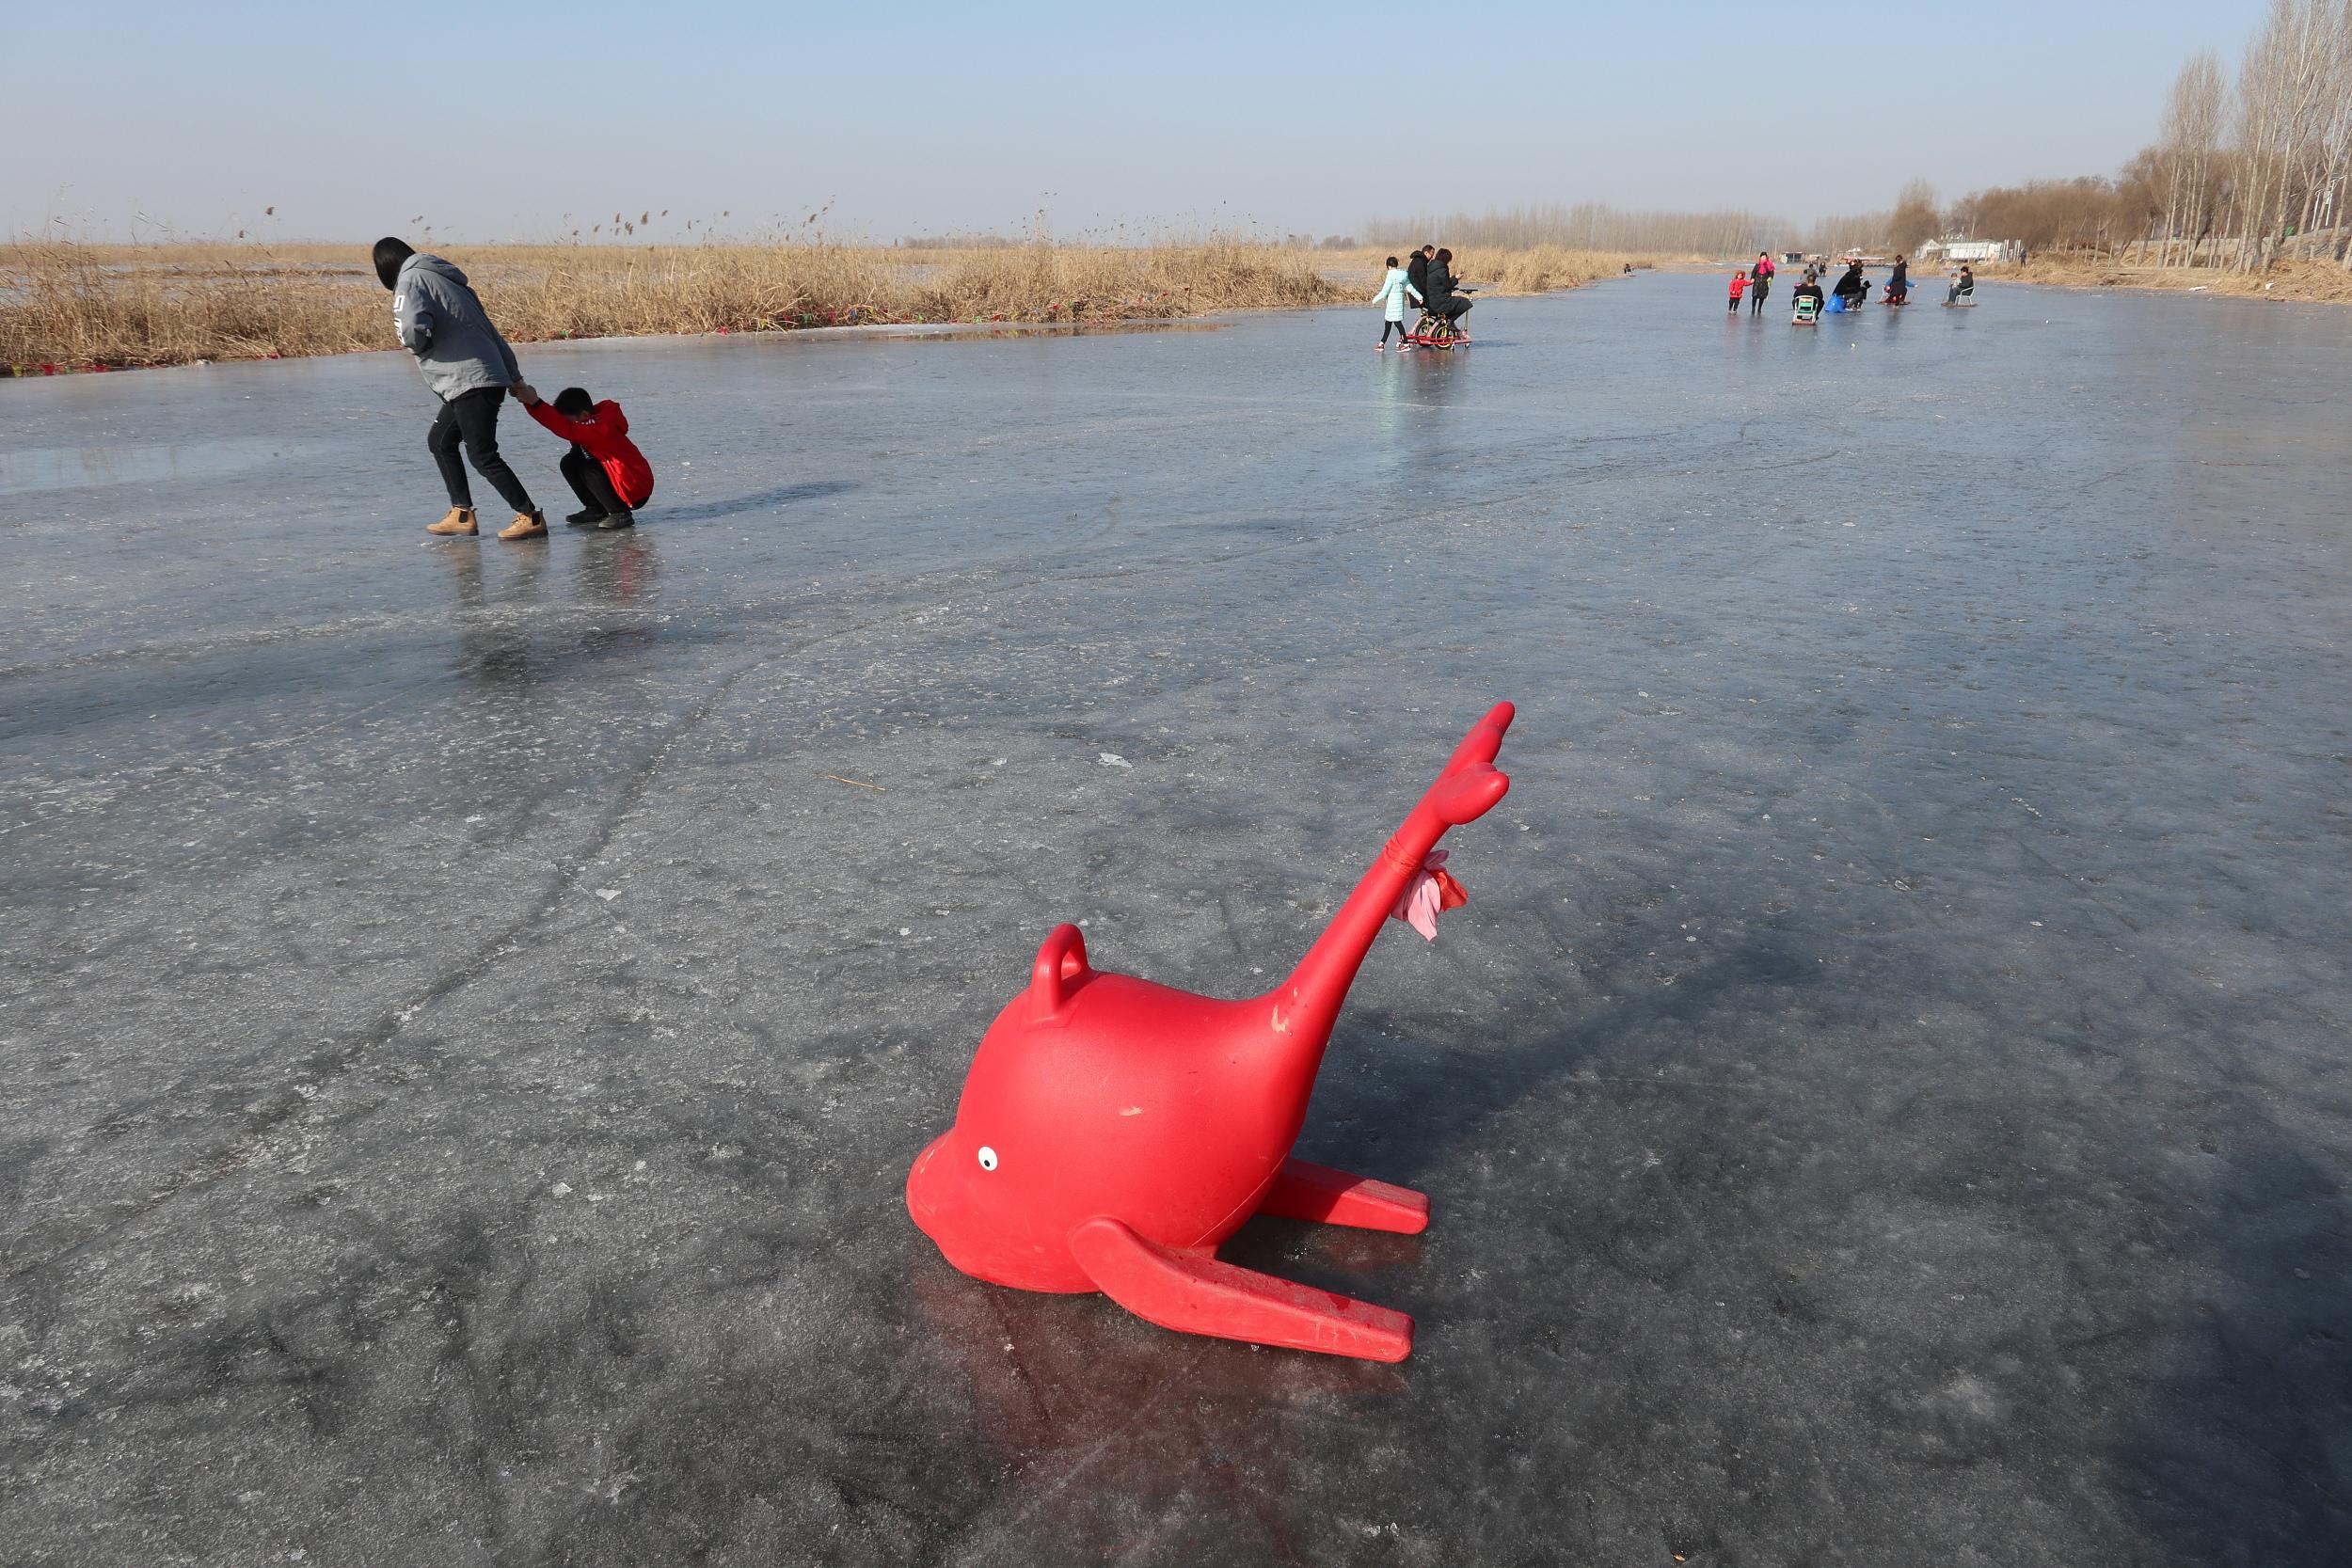 河北雄安:冬季白洋淀别有情趣动漫简单情趣图片大全图片